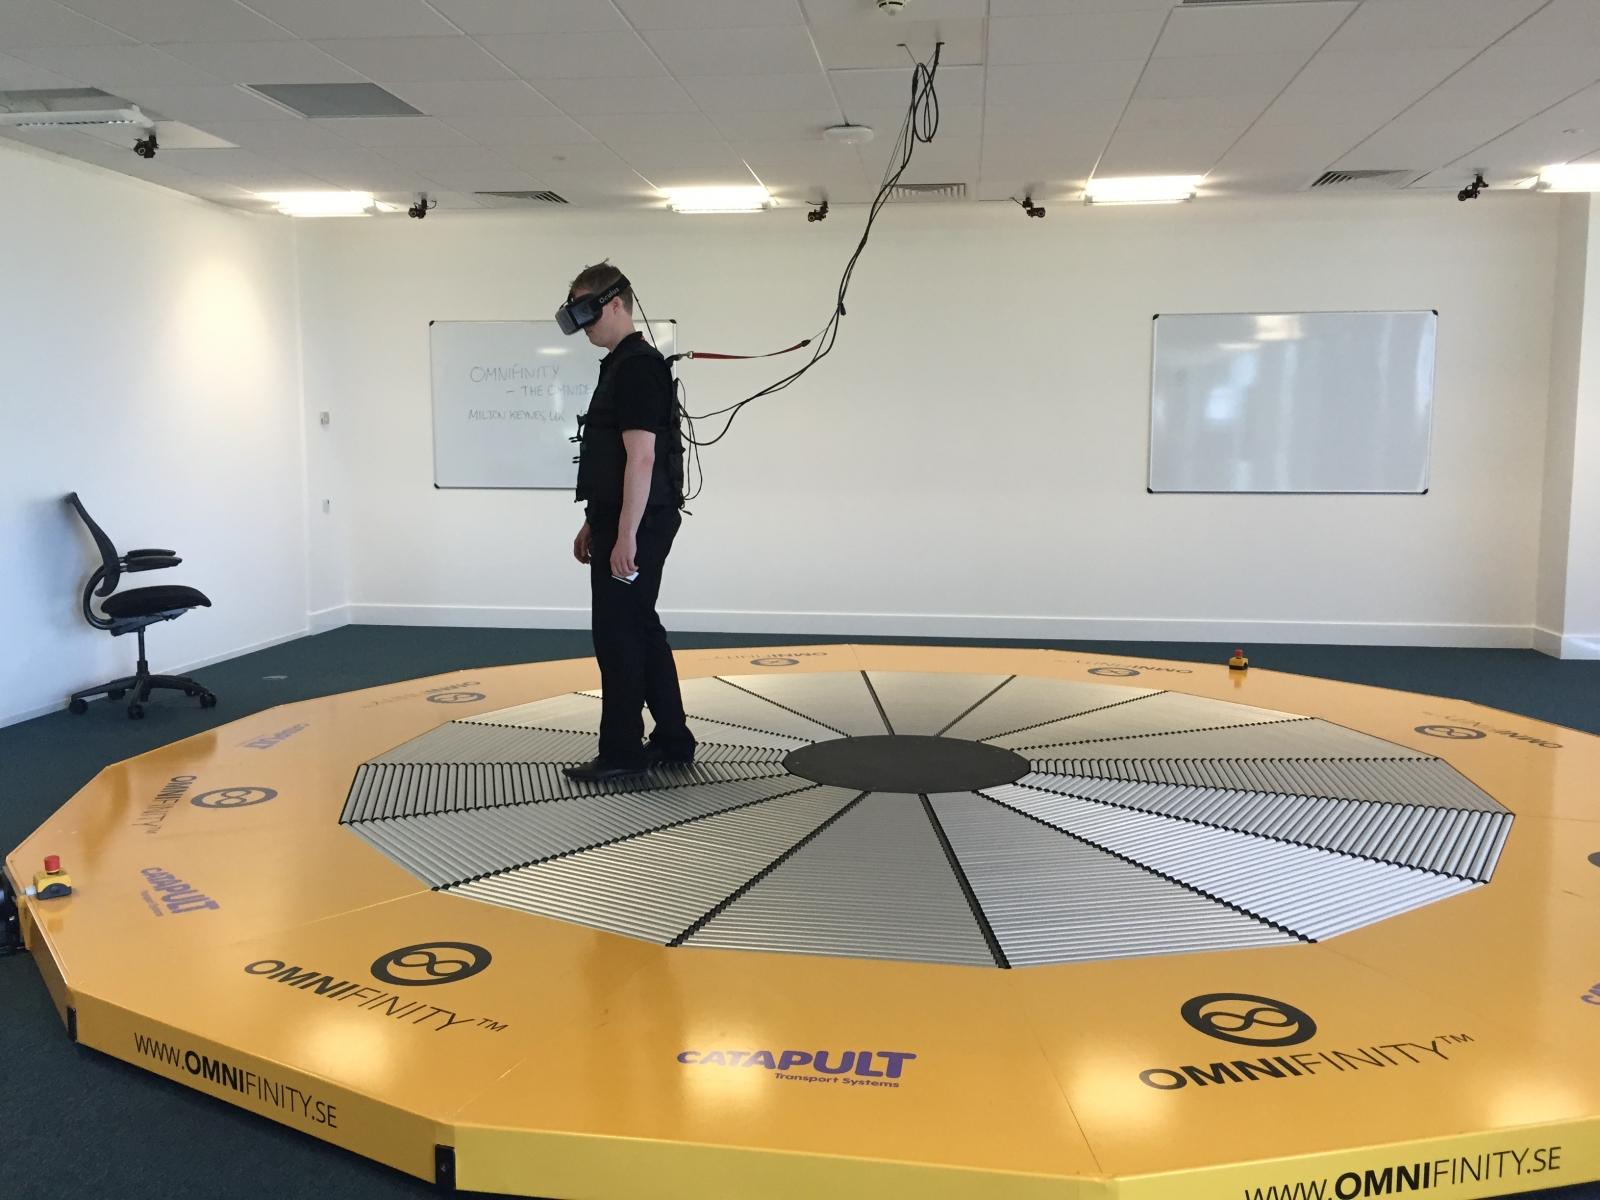 Omnideck oculus rift vr simulation